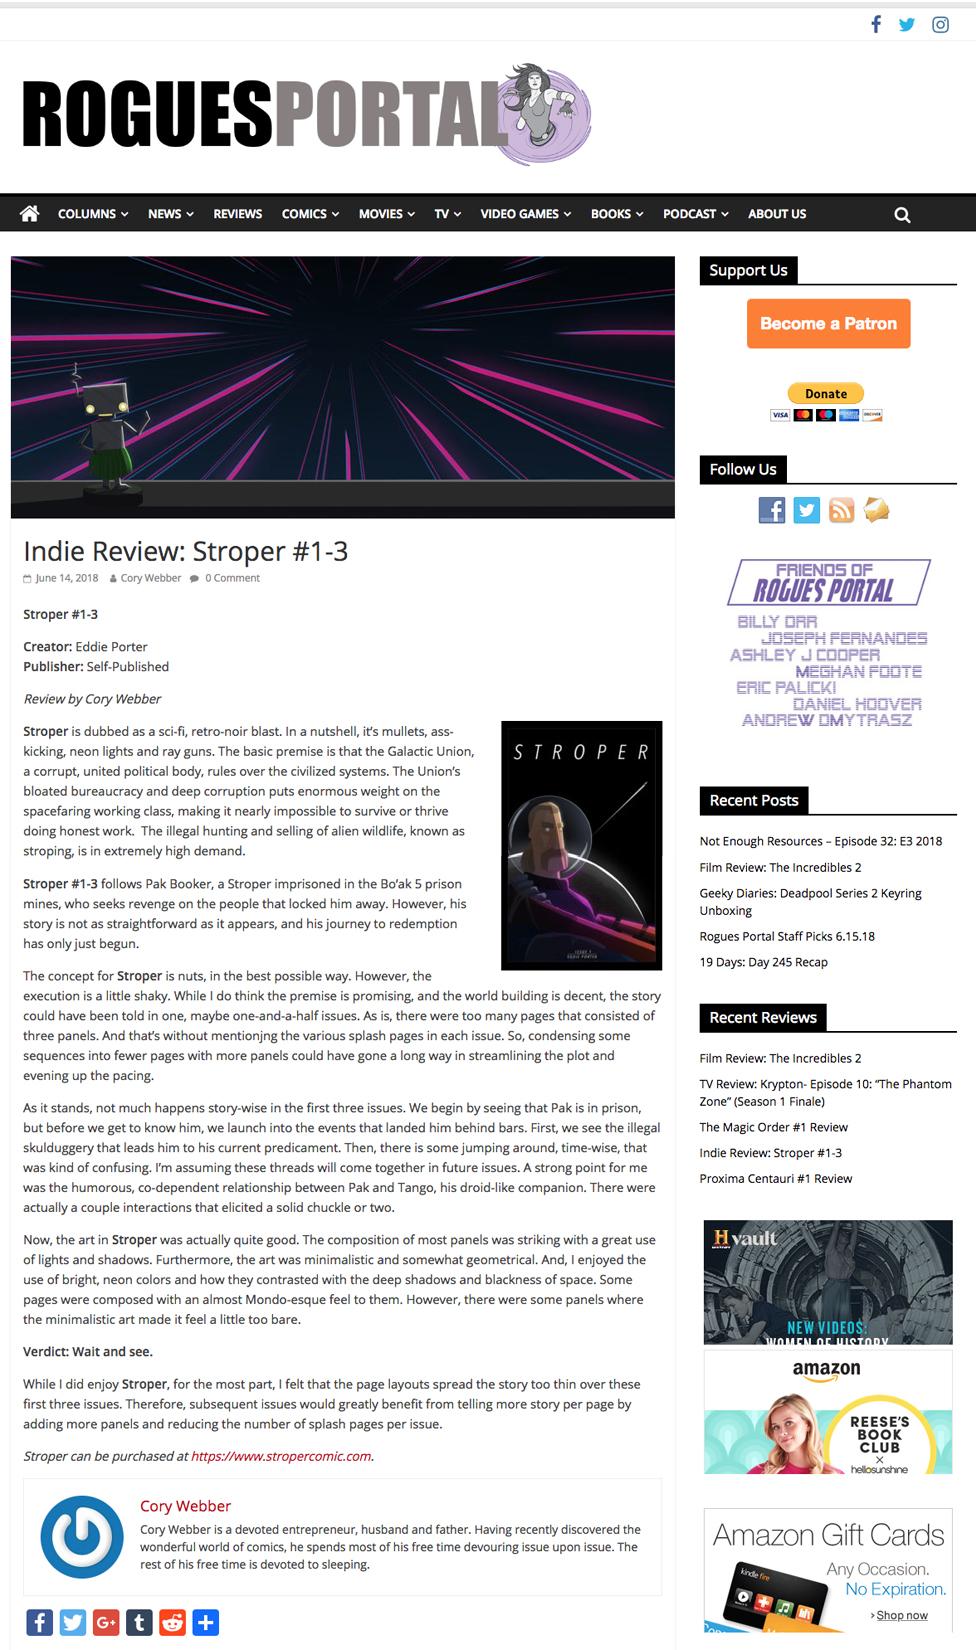 RoguesPortal_Review.jpg